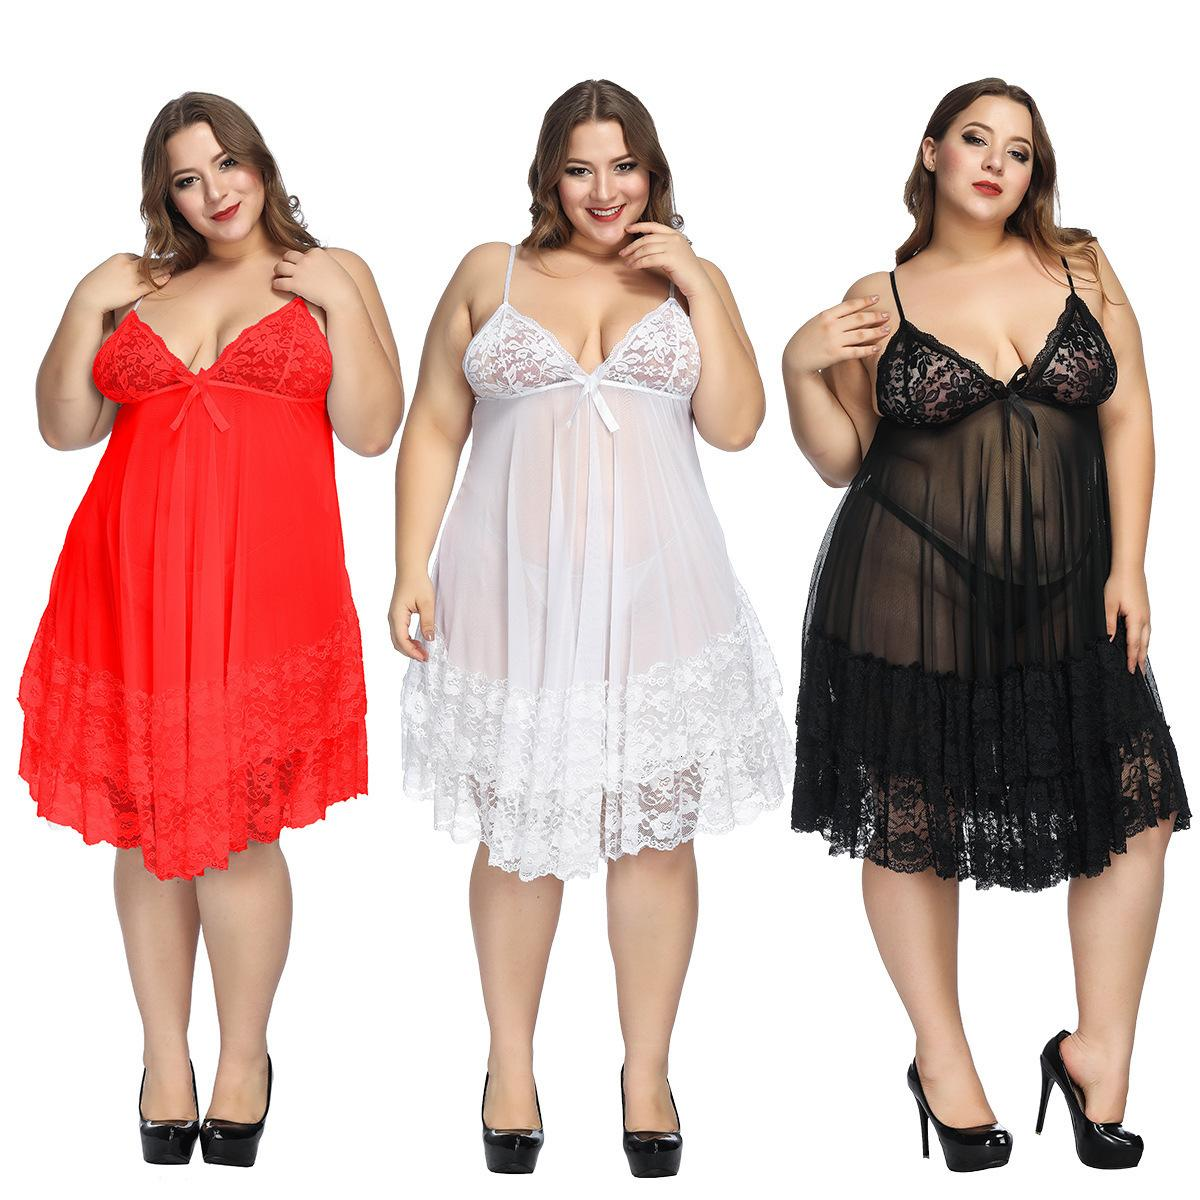 roupa interior camisa sexy sling saia grande gordura mm pijama 200 kg pode ser usado